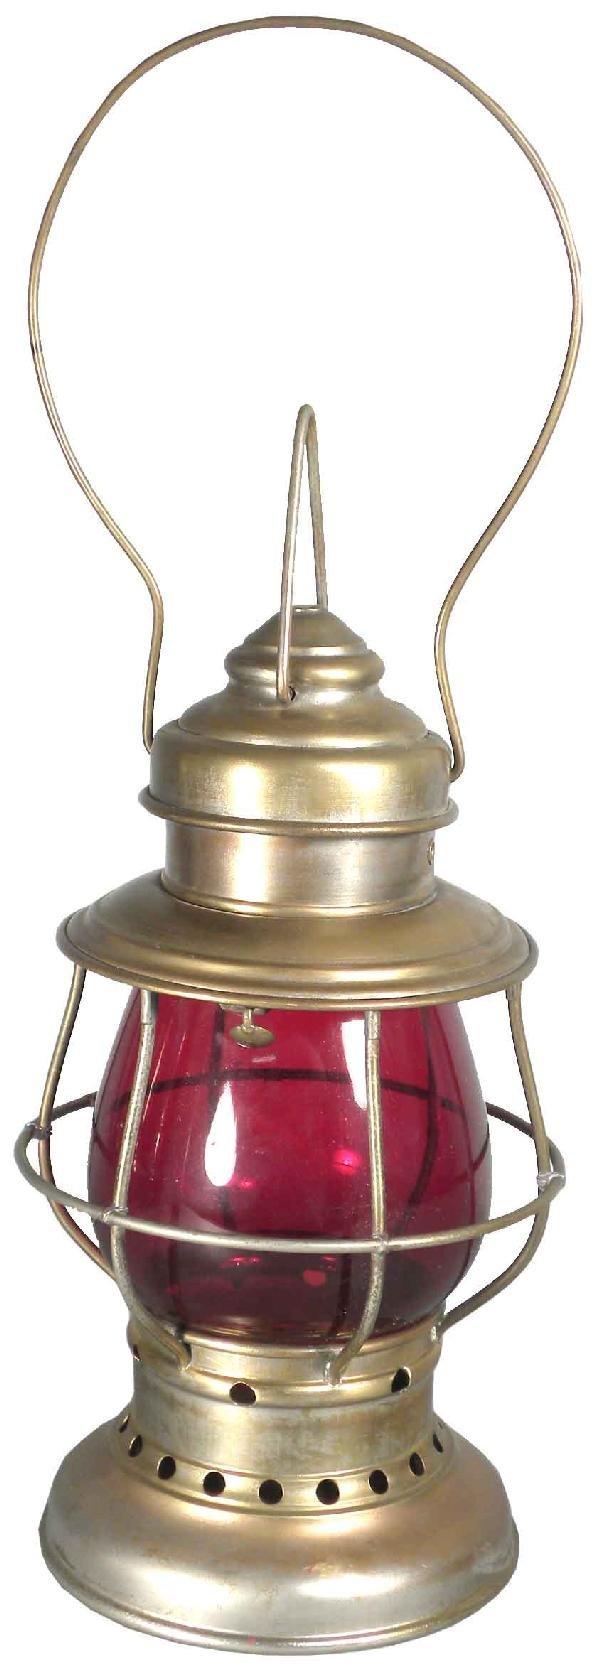 1229: Firemen's Lantern w/Ruby Glass Globe